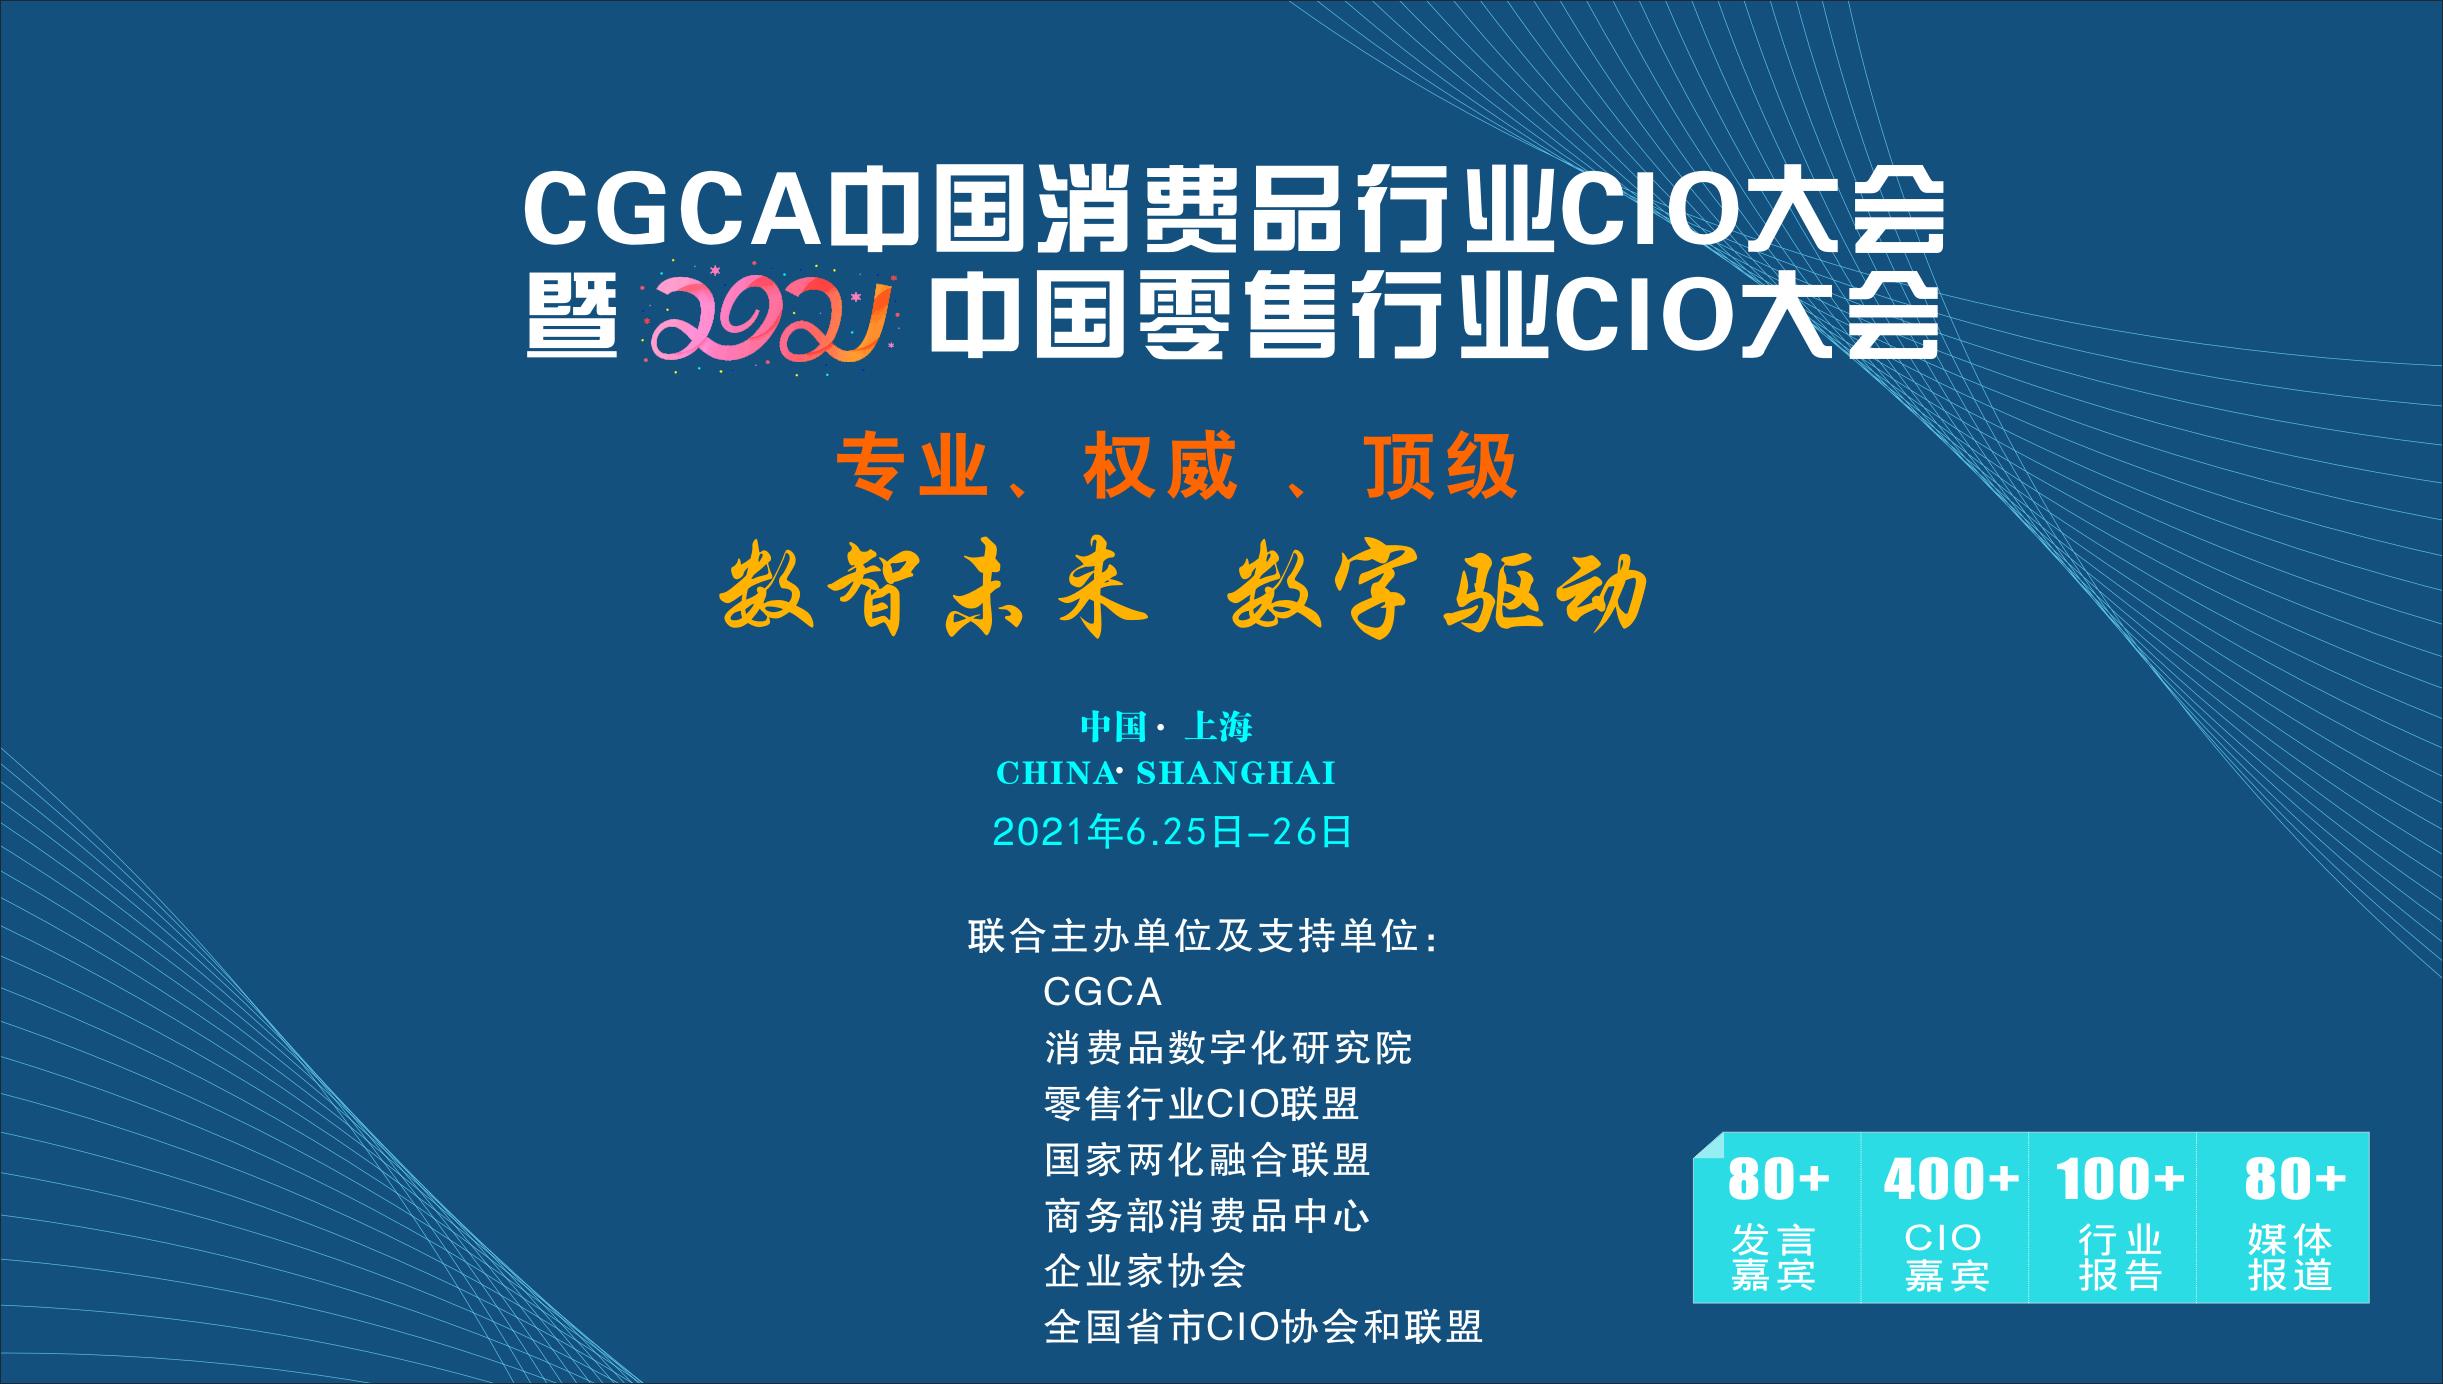 CGCA中国消费品行业CIO大会暨2021中国零售行业CIO大会